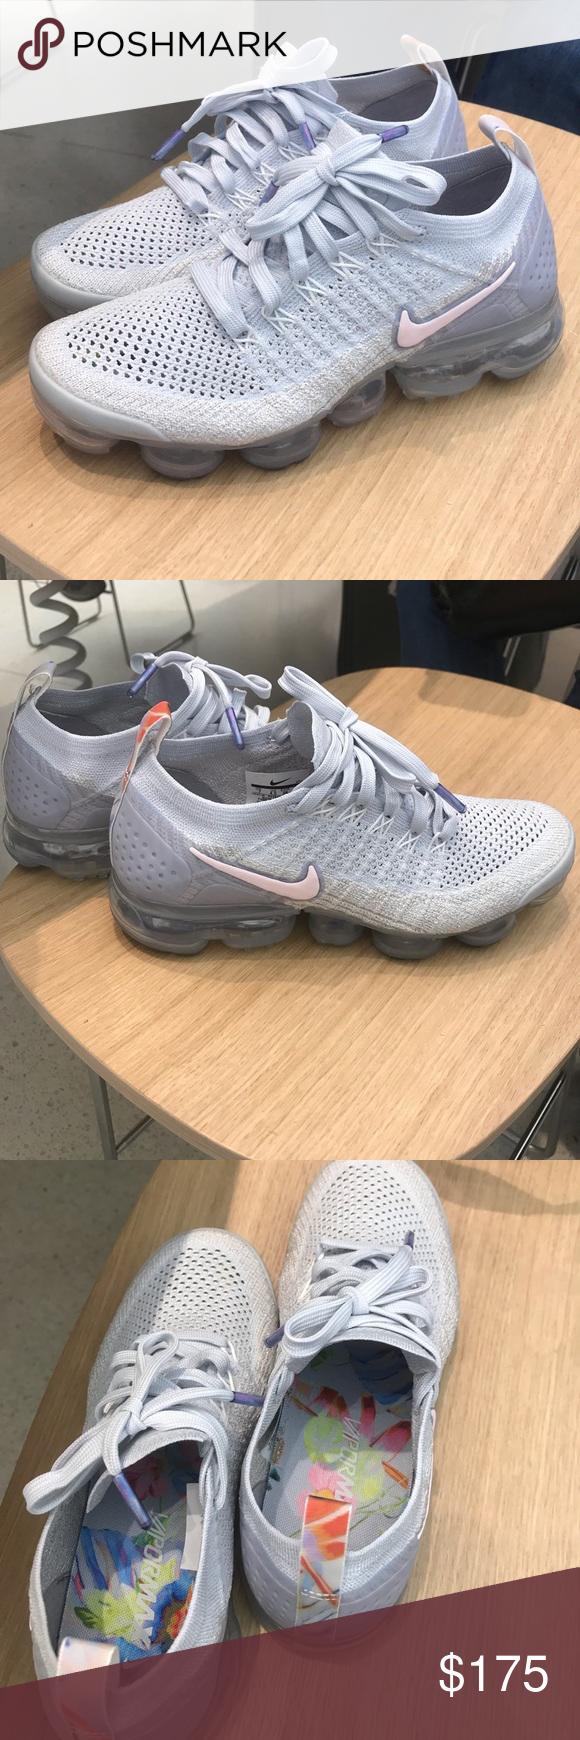 Nike vapormax flyknit, Nike, Nike shoes